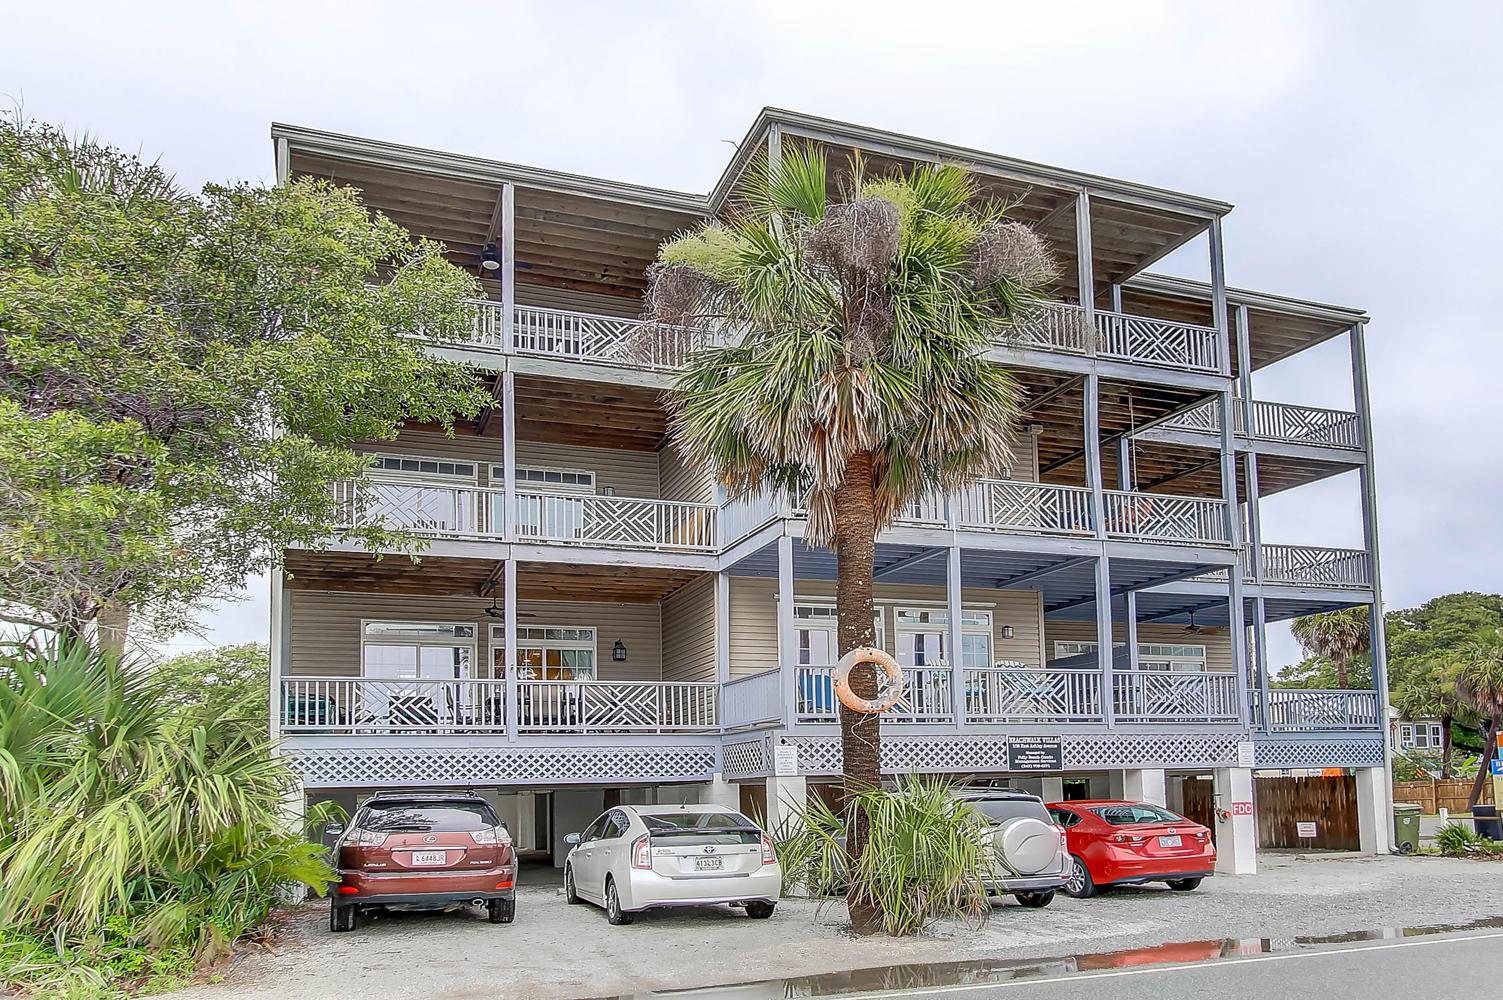 108 Ashley Avenue Folly Beach $515,000.00